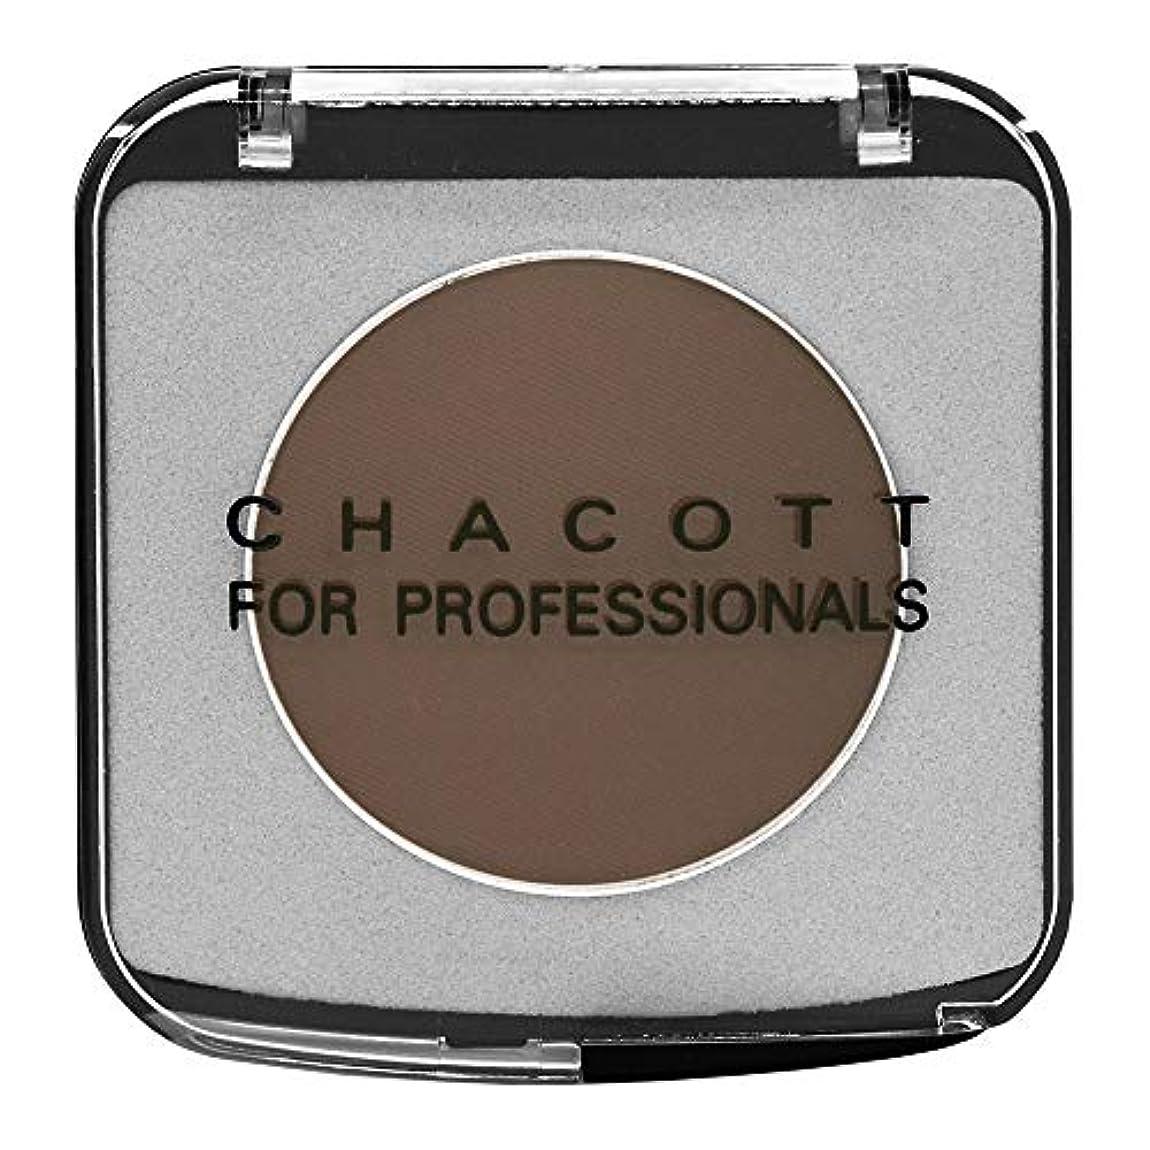 不均一大破質量CHACOTT<チャコット> カラーバリエーション 605.チョコレートブラウン